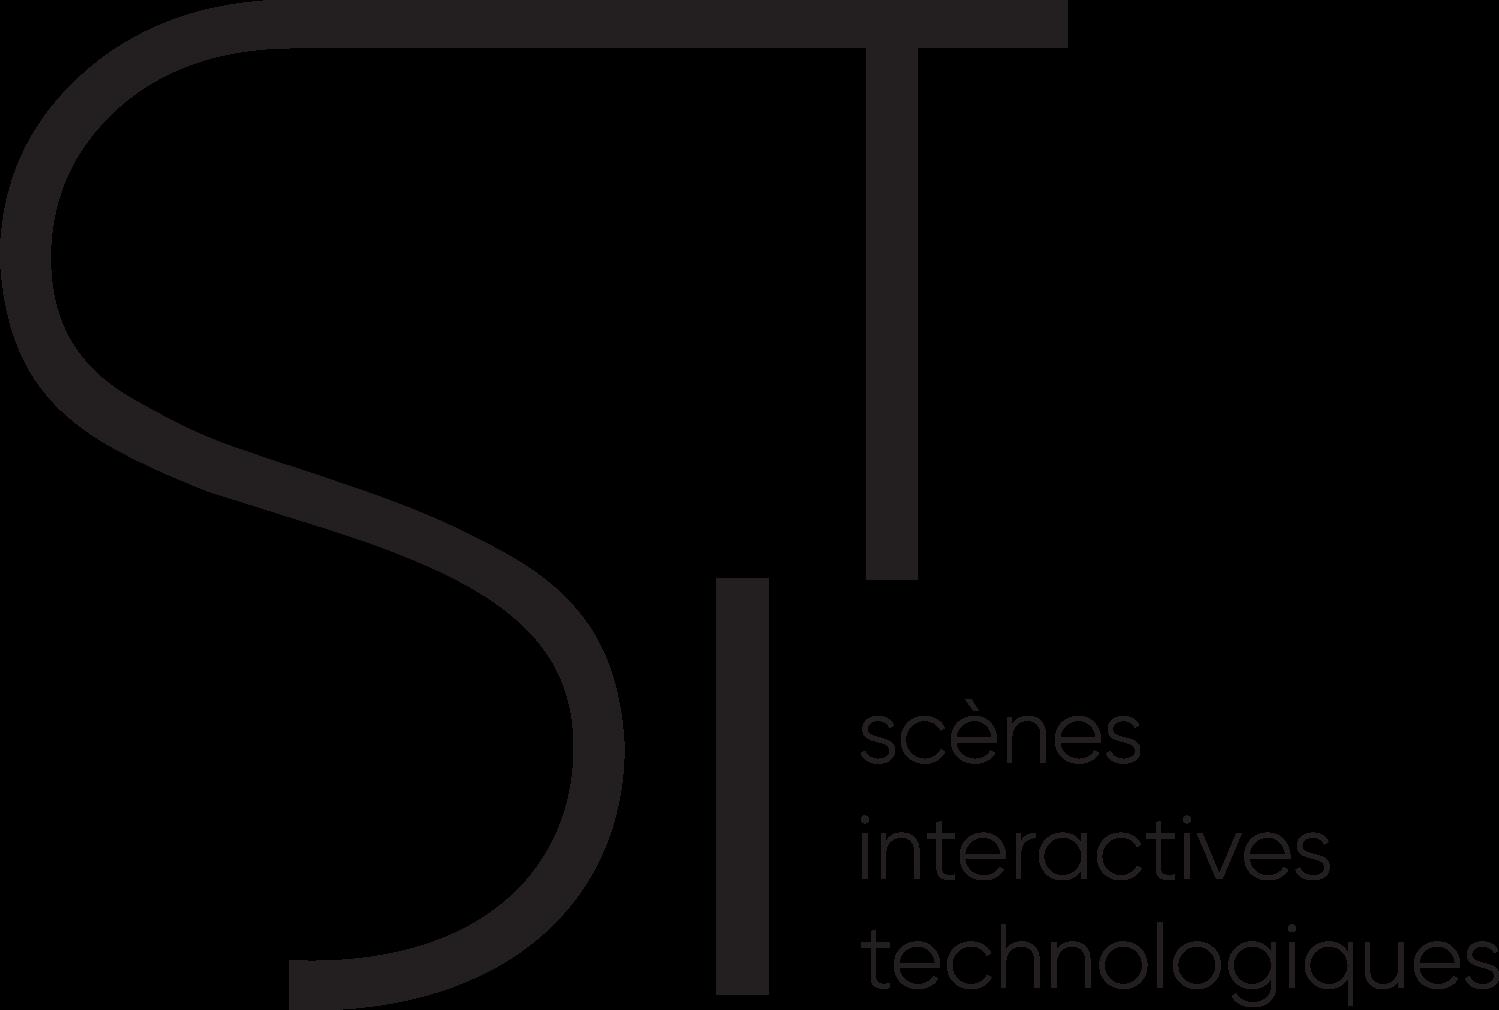 SIT-tagline